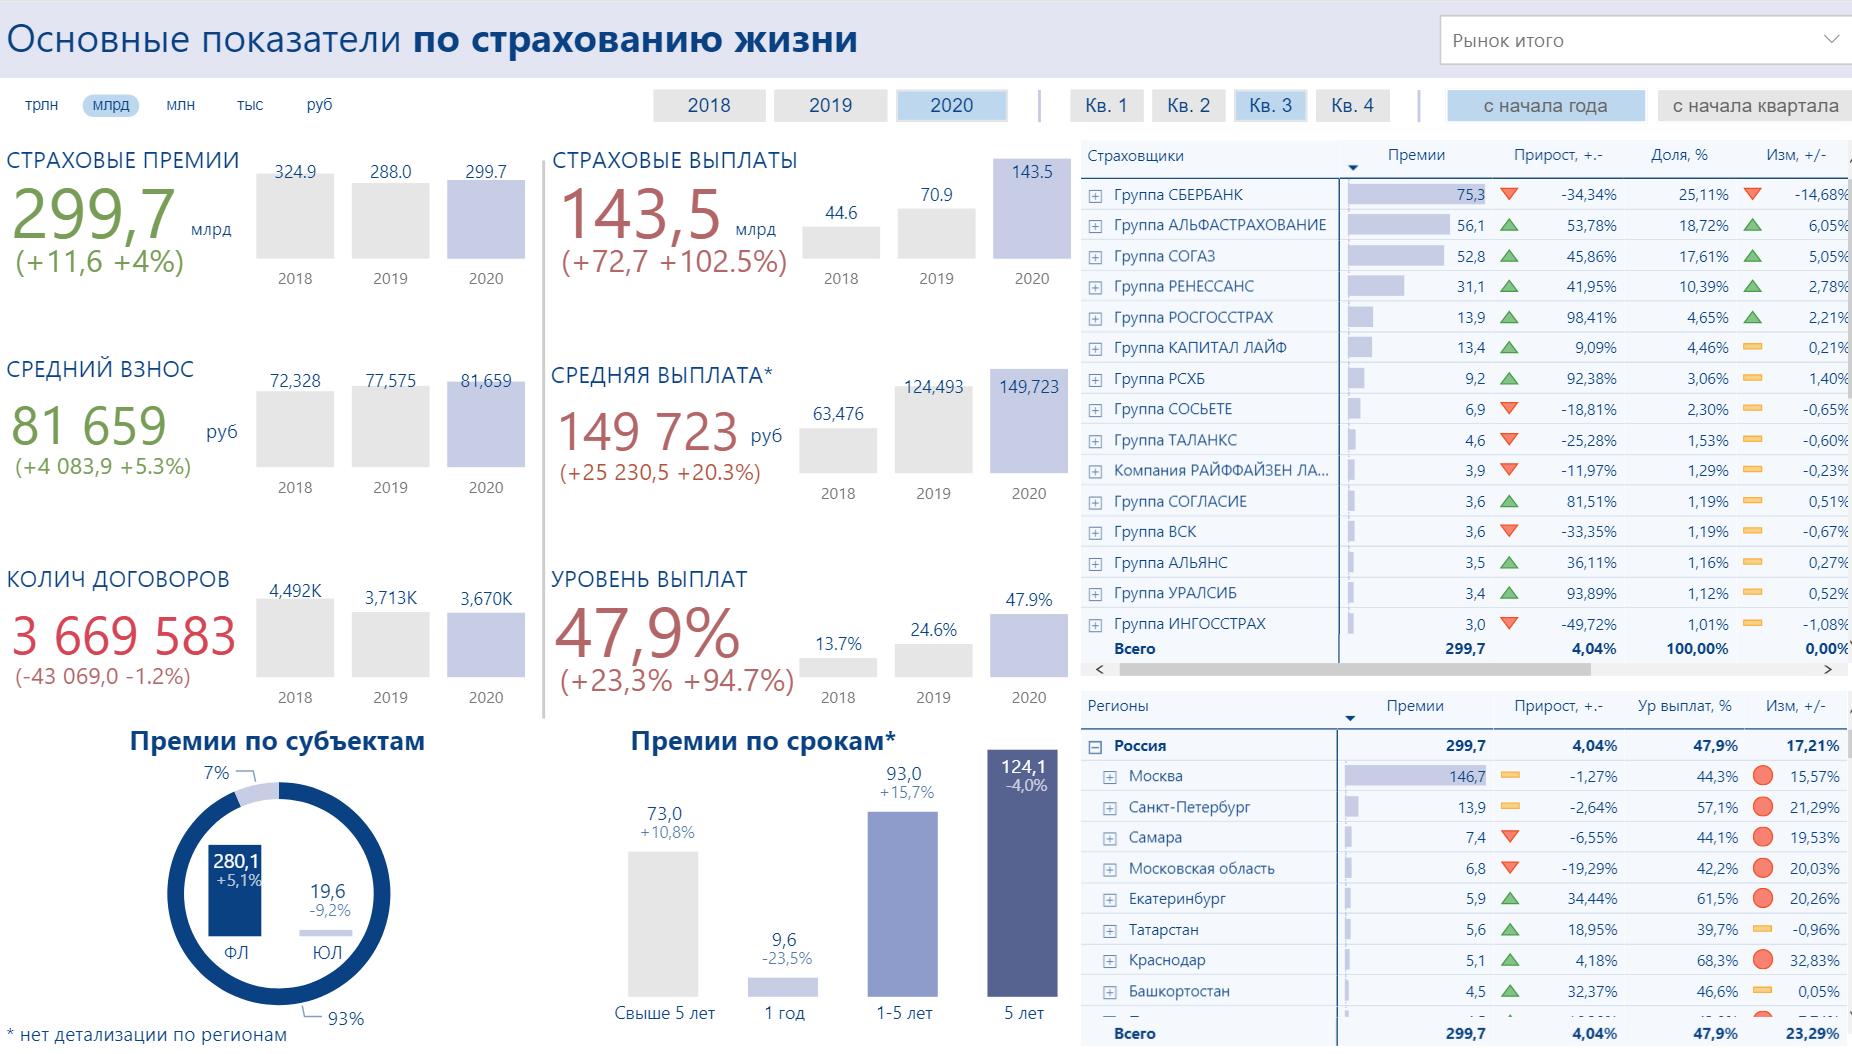 Жизнь в России пошла в рост - 300 млрд рублей